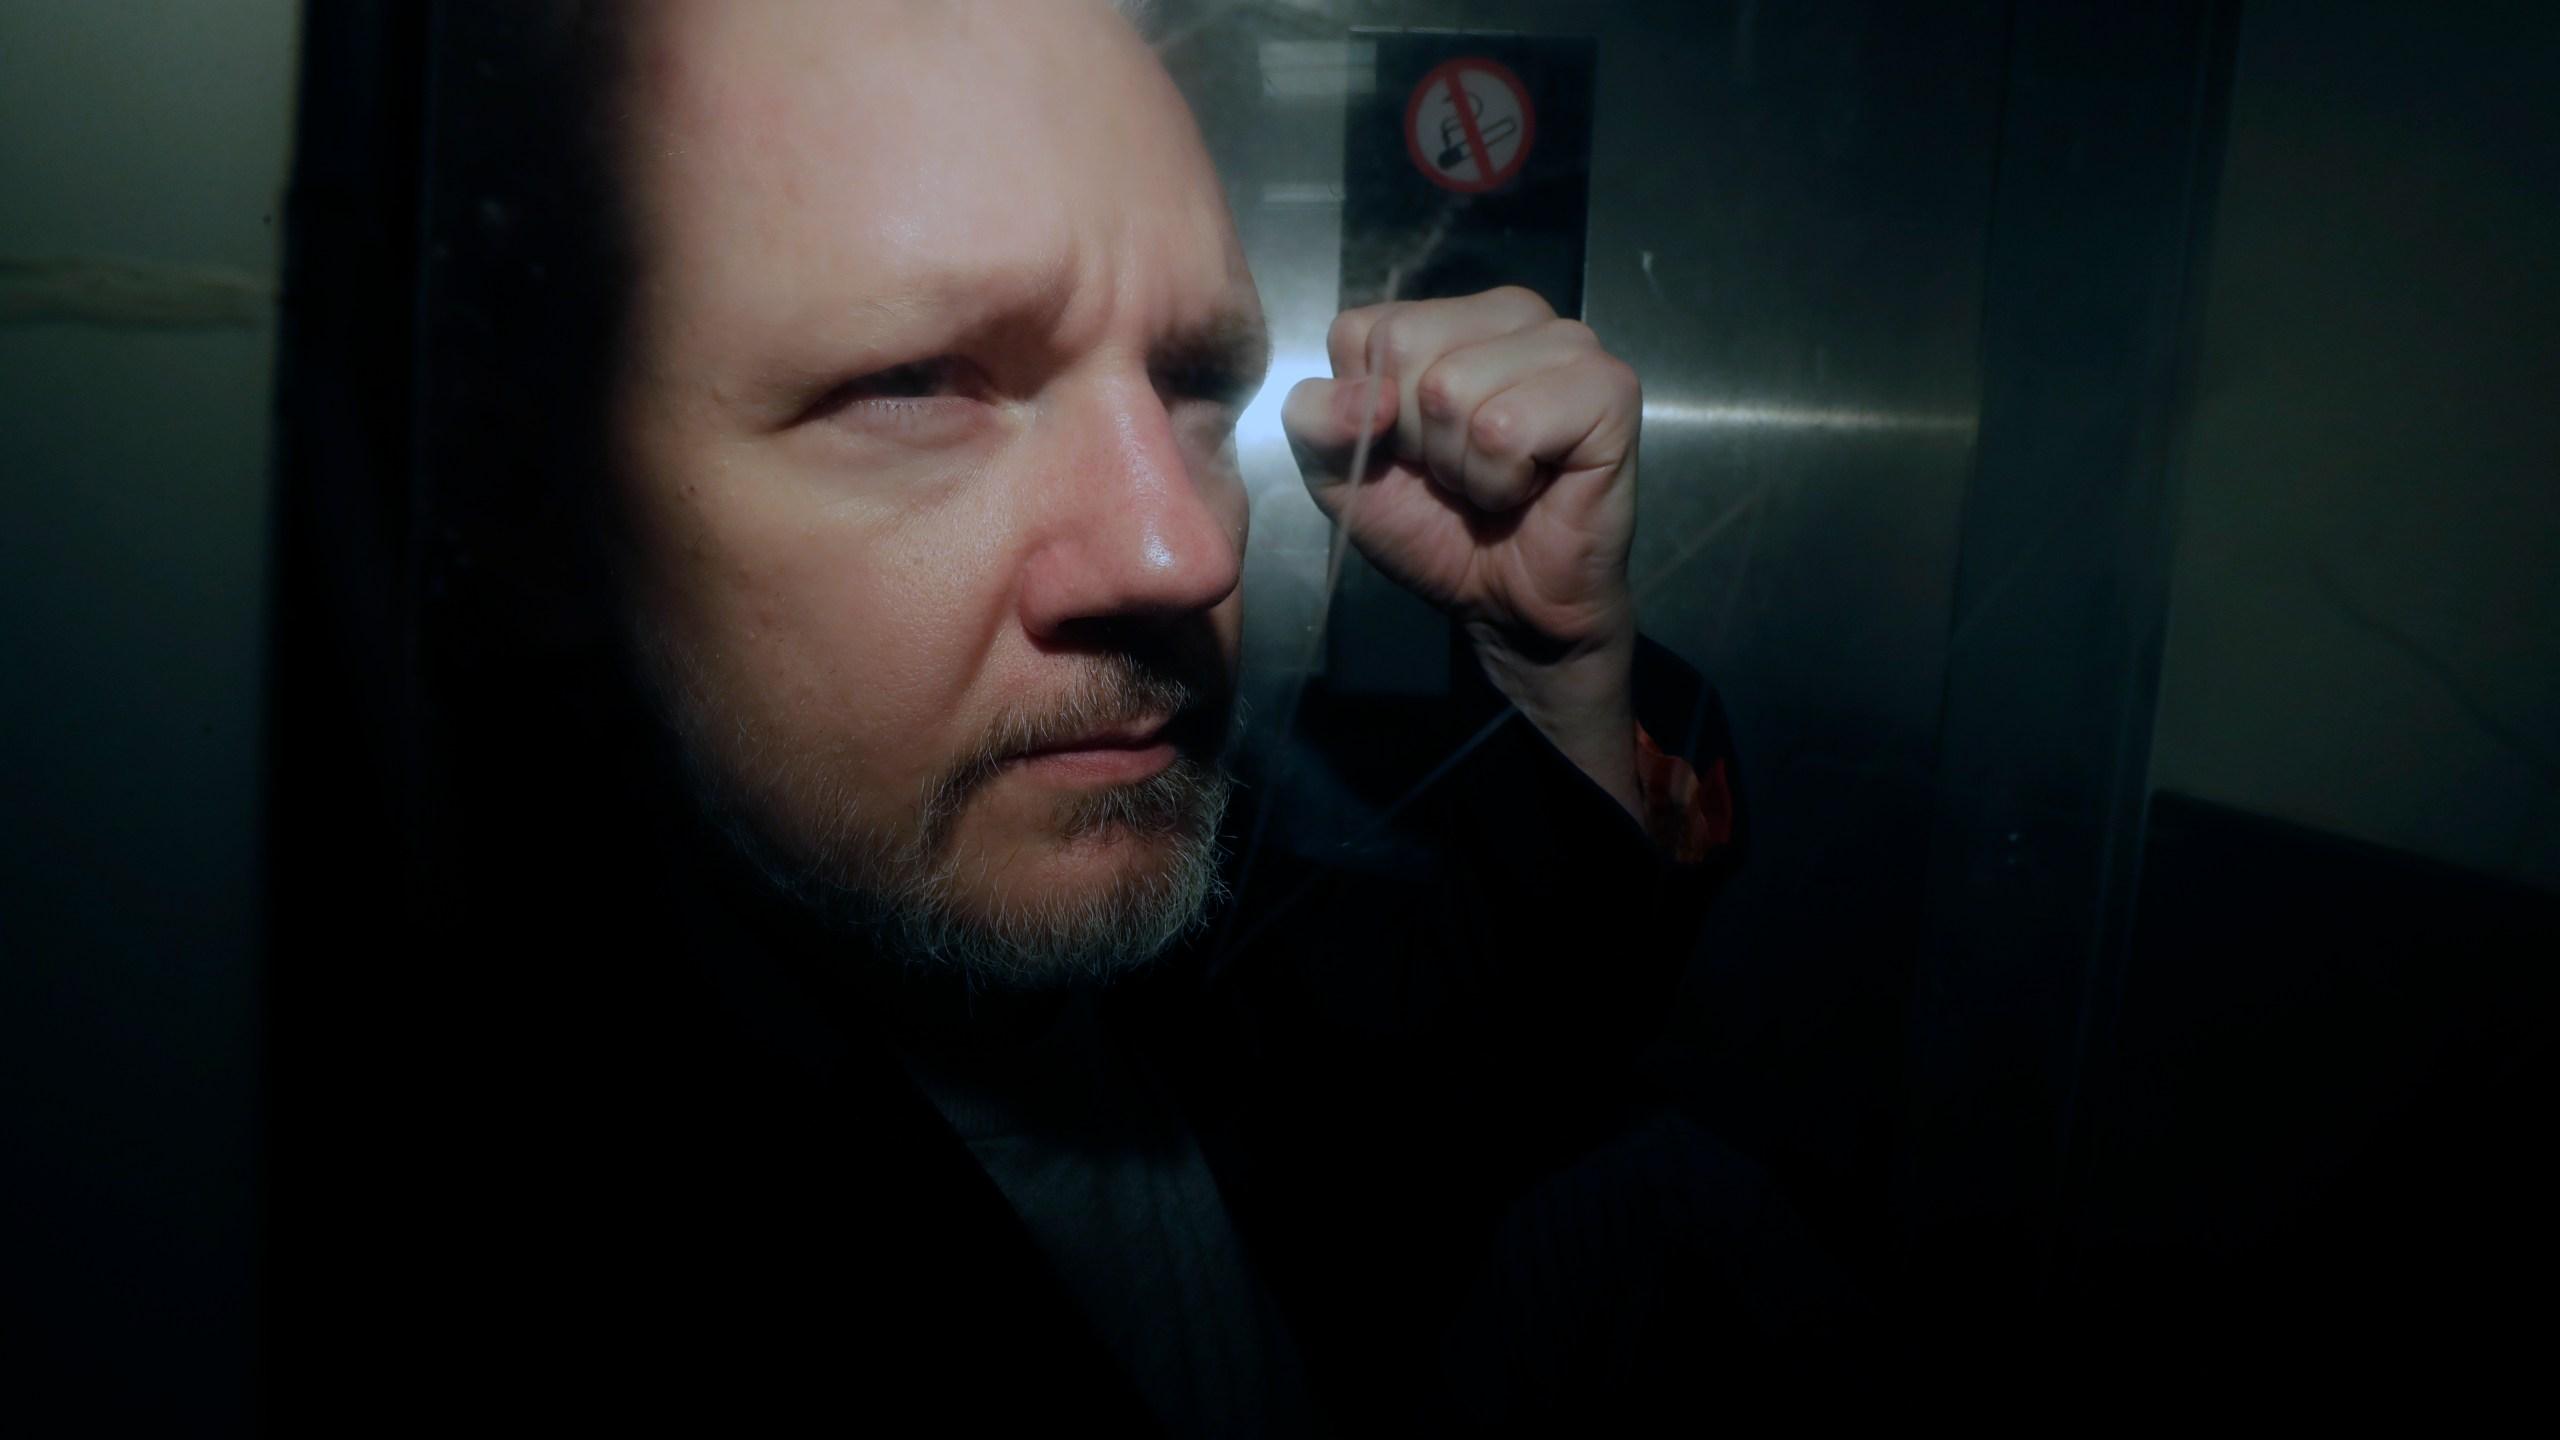 WikiLeaks_Assange_88302-159532.jpg94703755